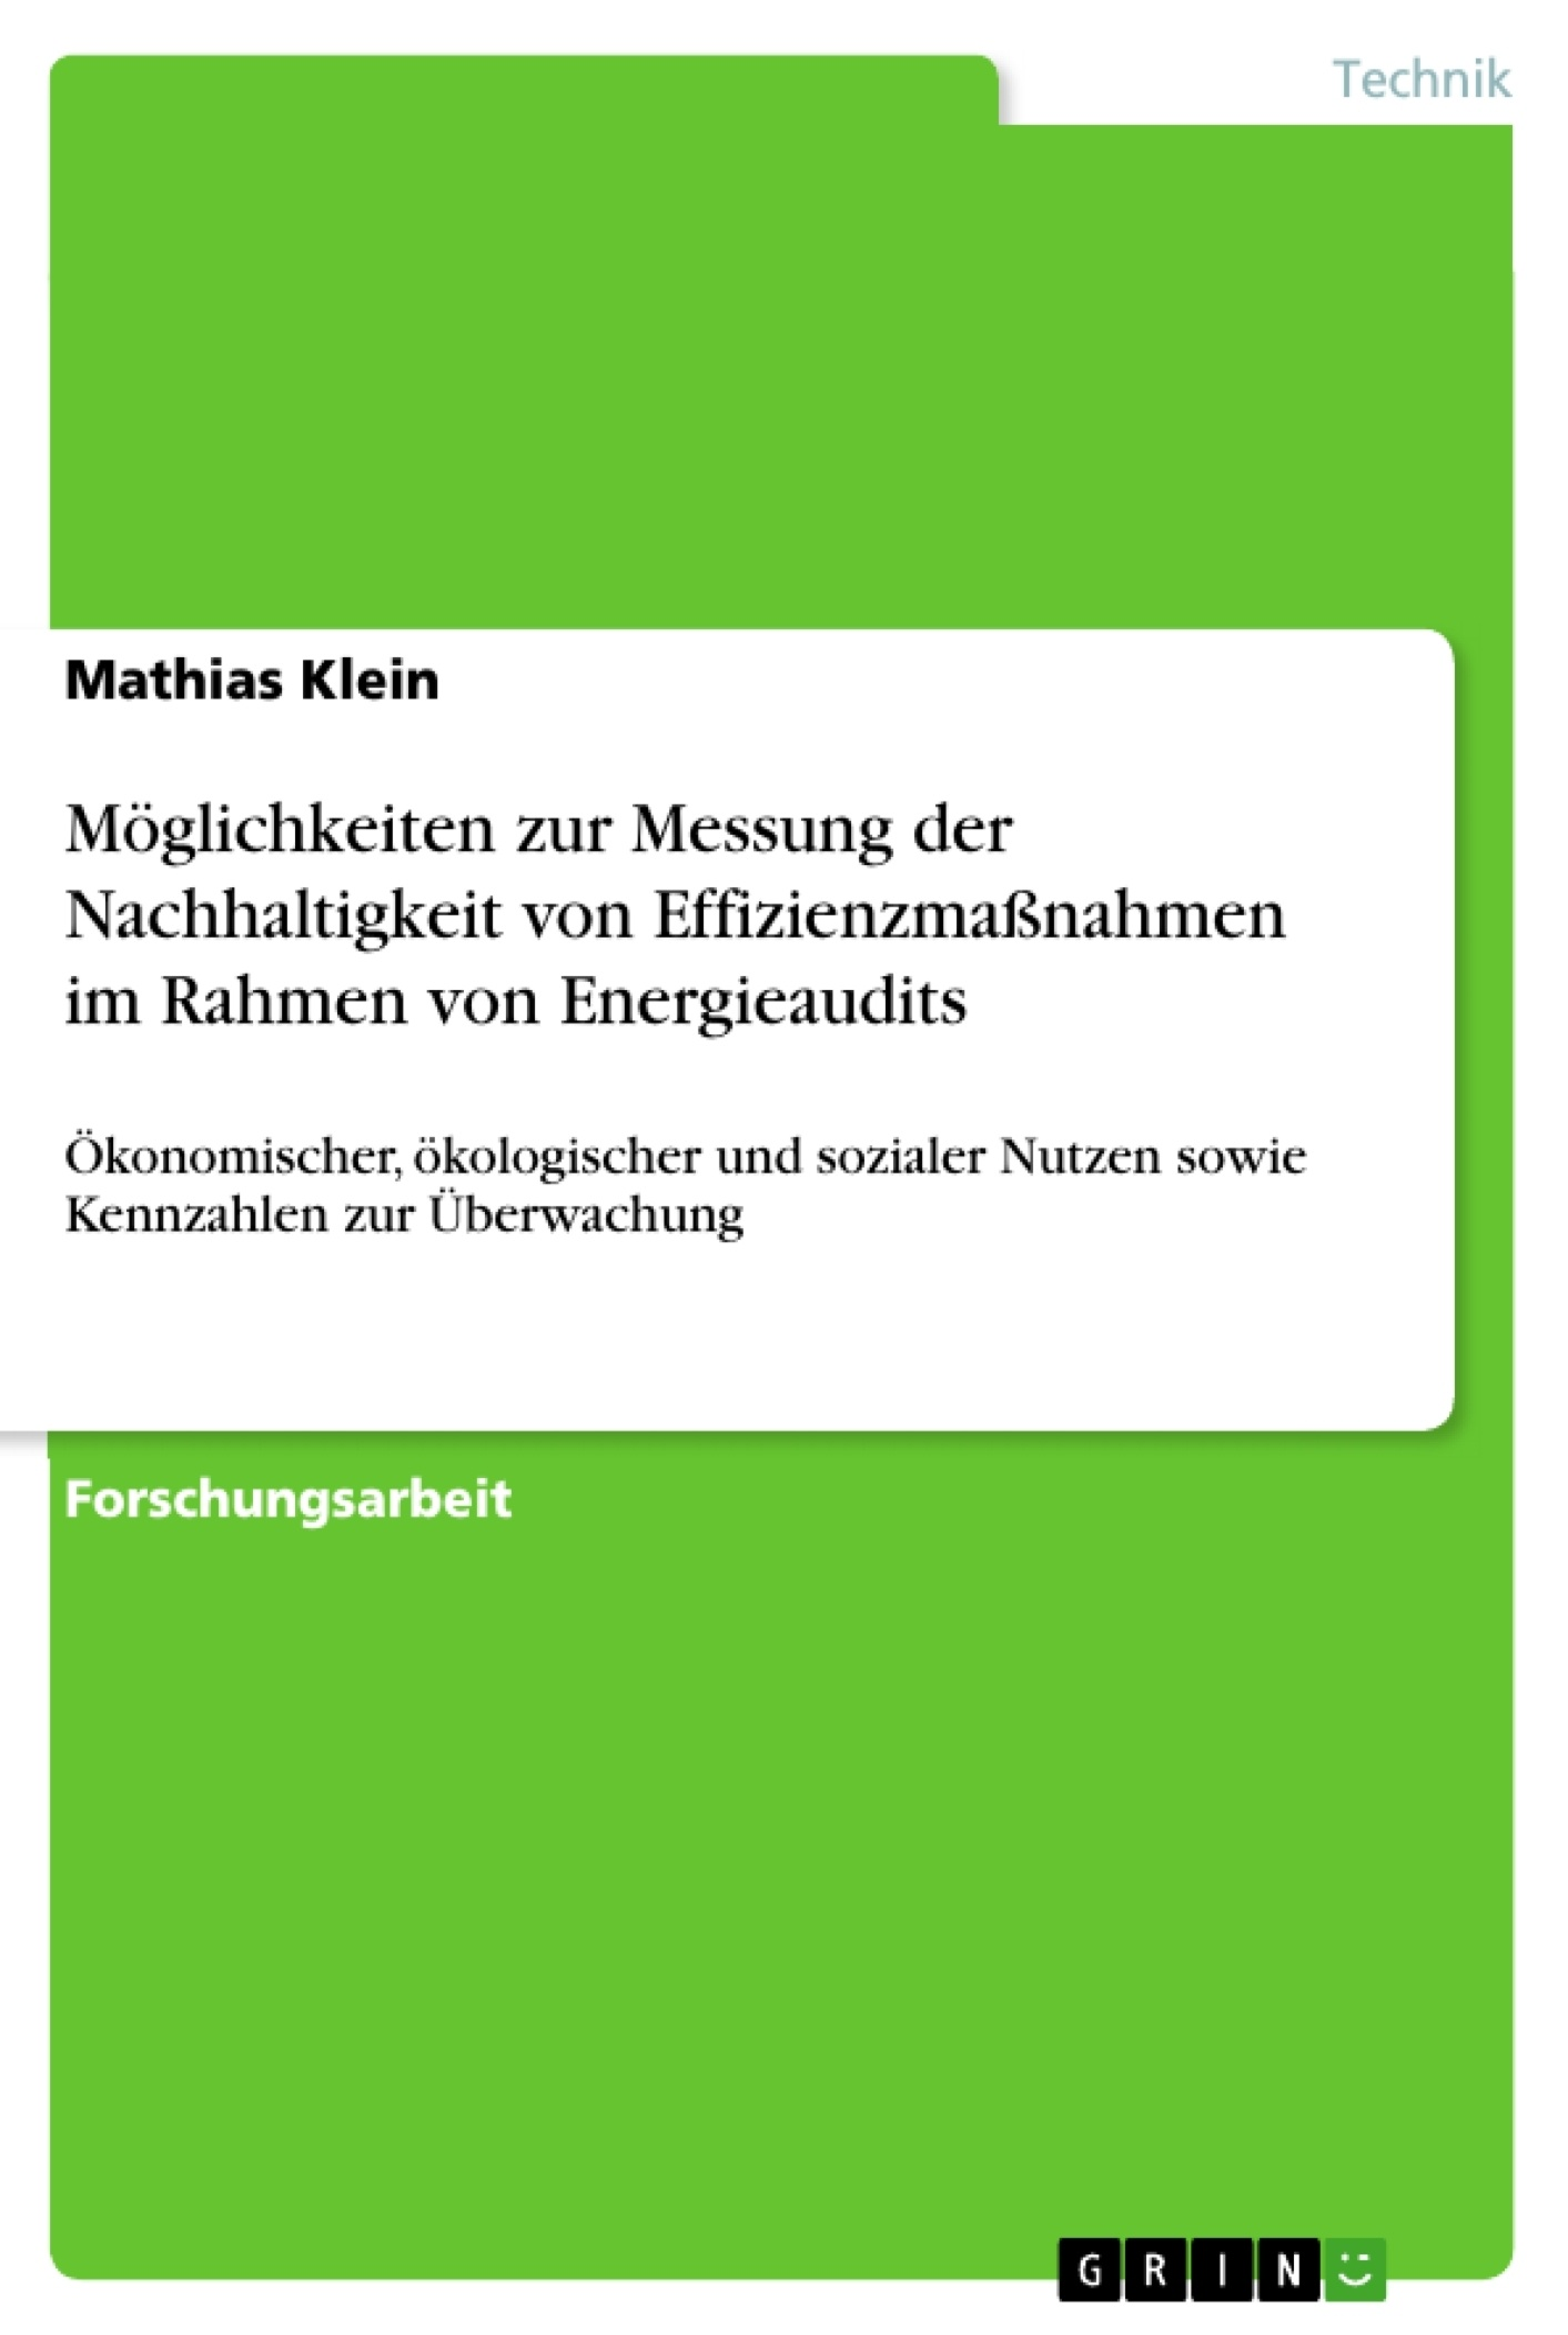 Titel: Möglichkeiten zur Messung der Nachhaltigkeit von Effizienzmaßnahmen im Rahmen von Energieaudits